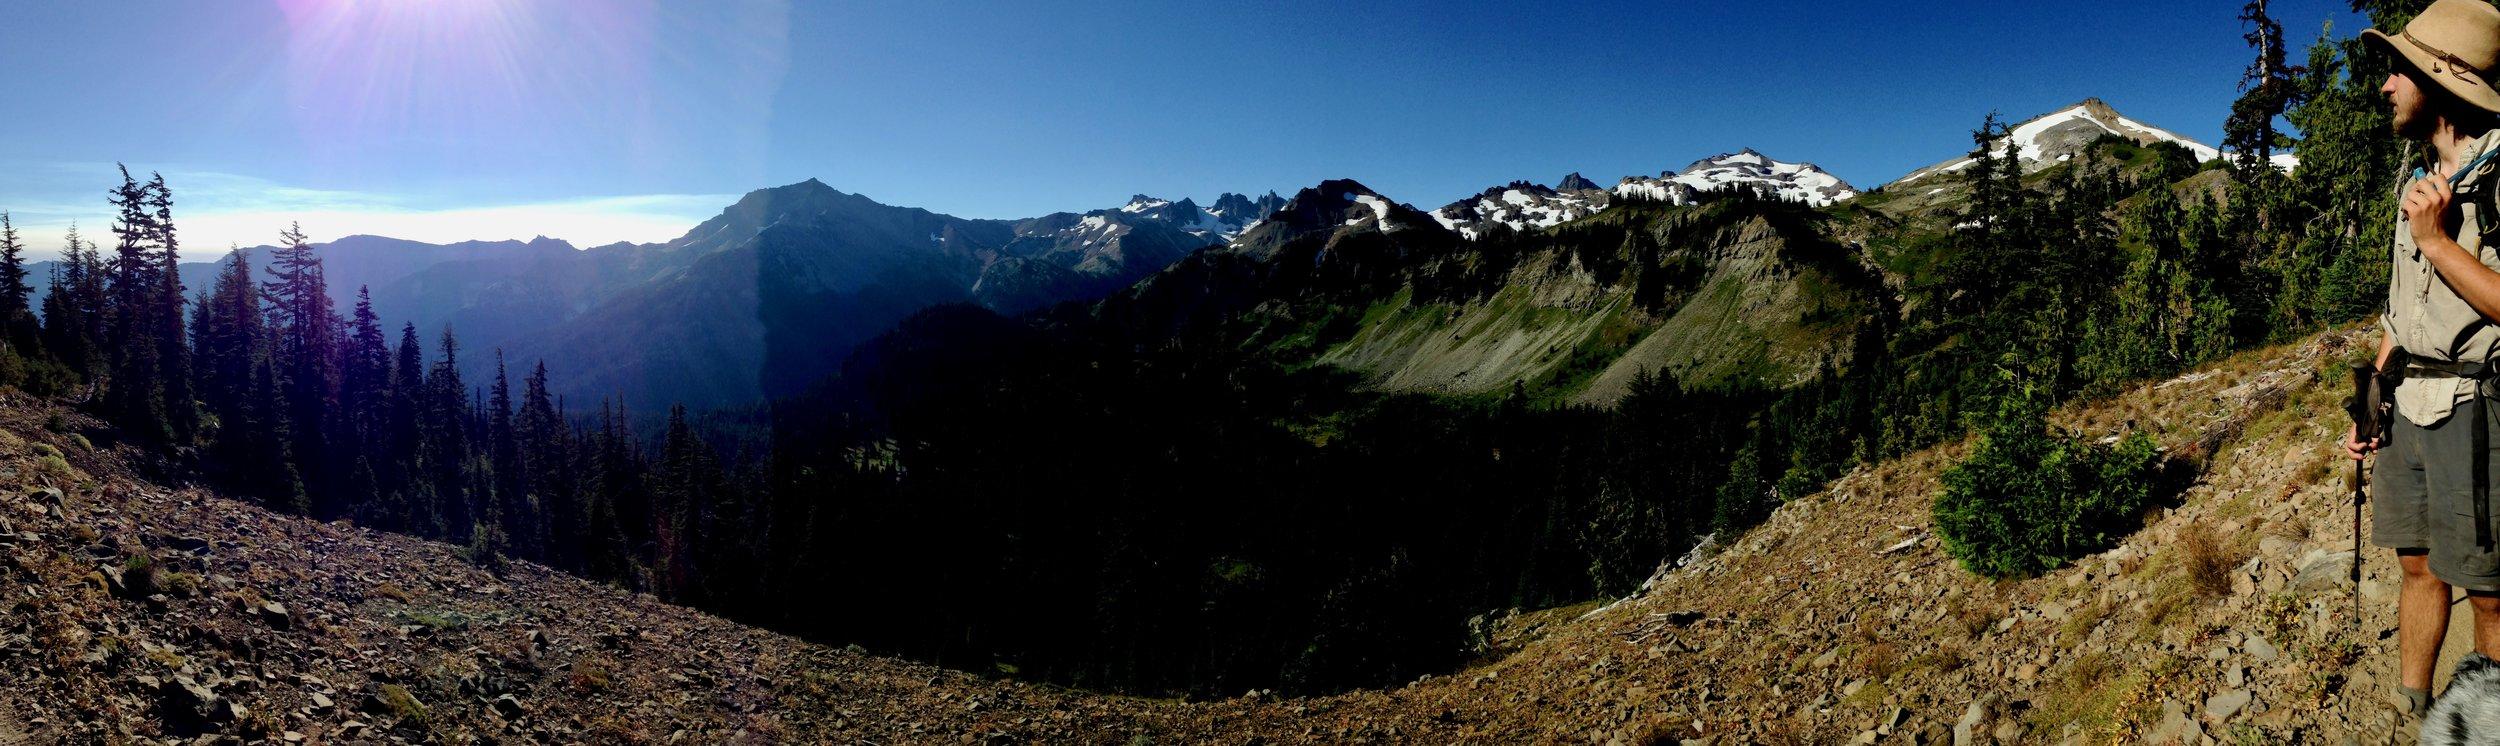 Goat Rocks Wilderness, WA